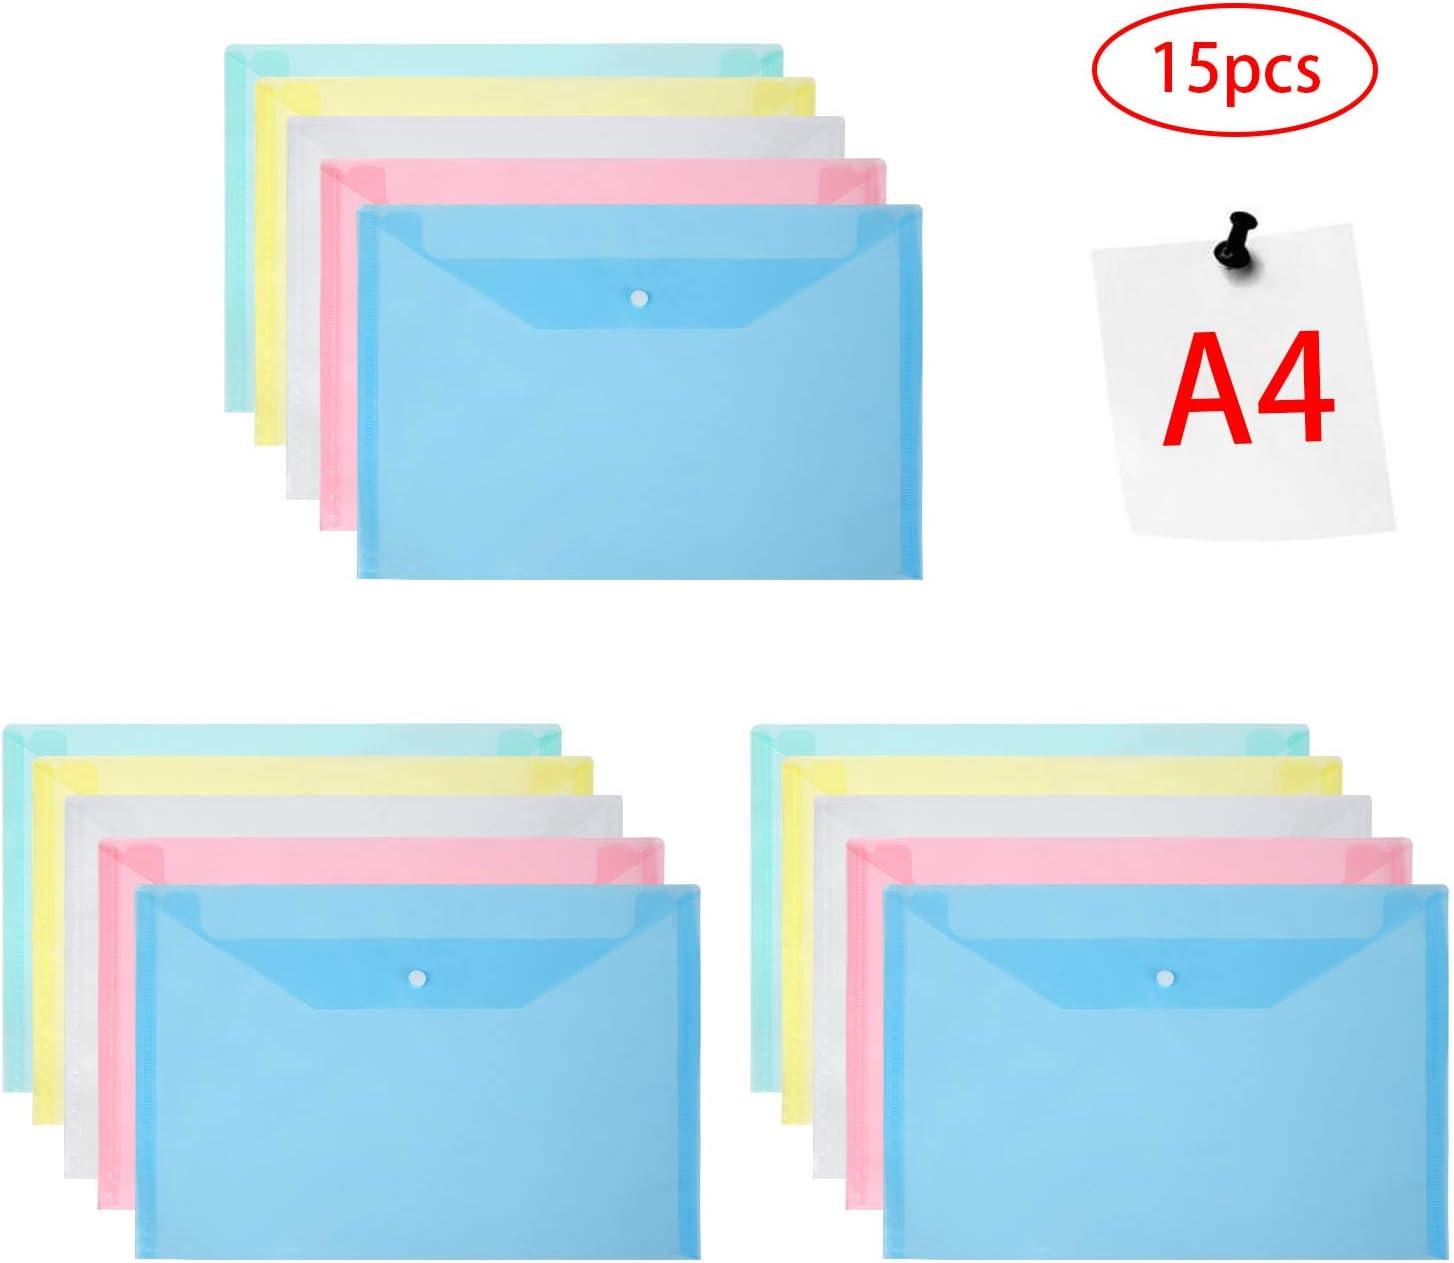 Vicloon Carpetas Para Archivo, 15Pcs Carpetas de Plástico A4 Bolsas de Documentos con Botón para Documentos, Certificados, Recibos, Oficina y Escolar, 5 Colores